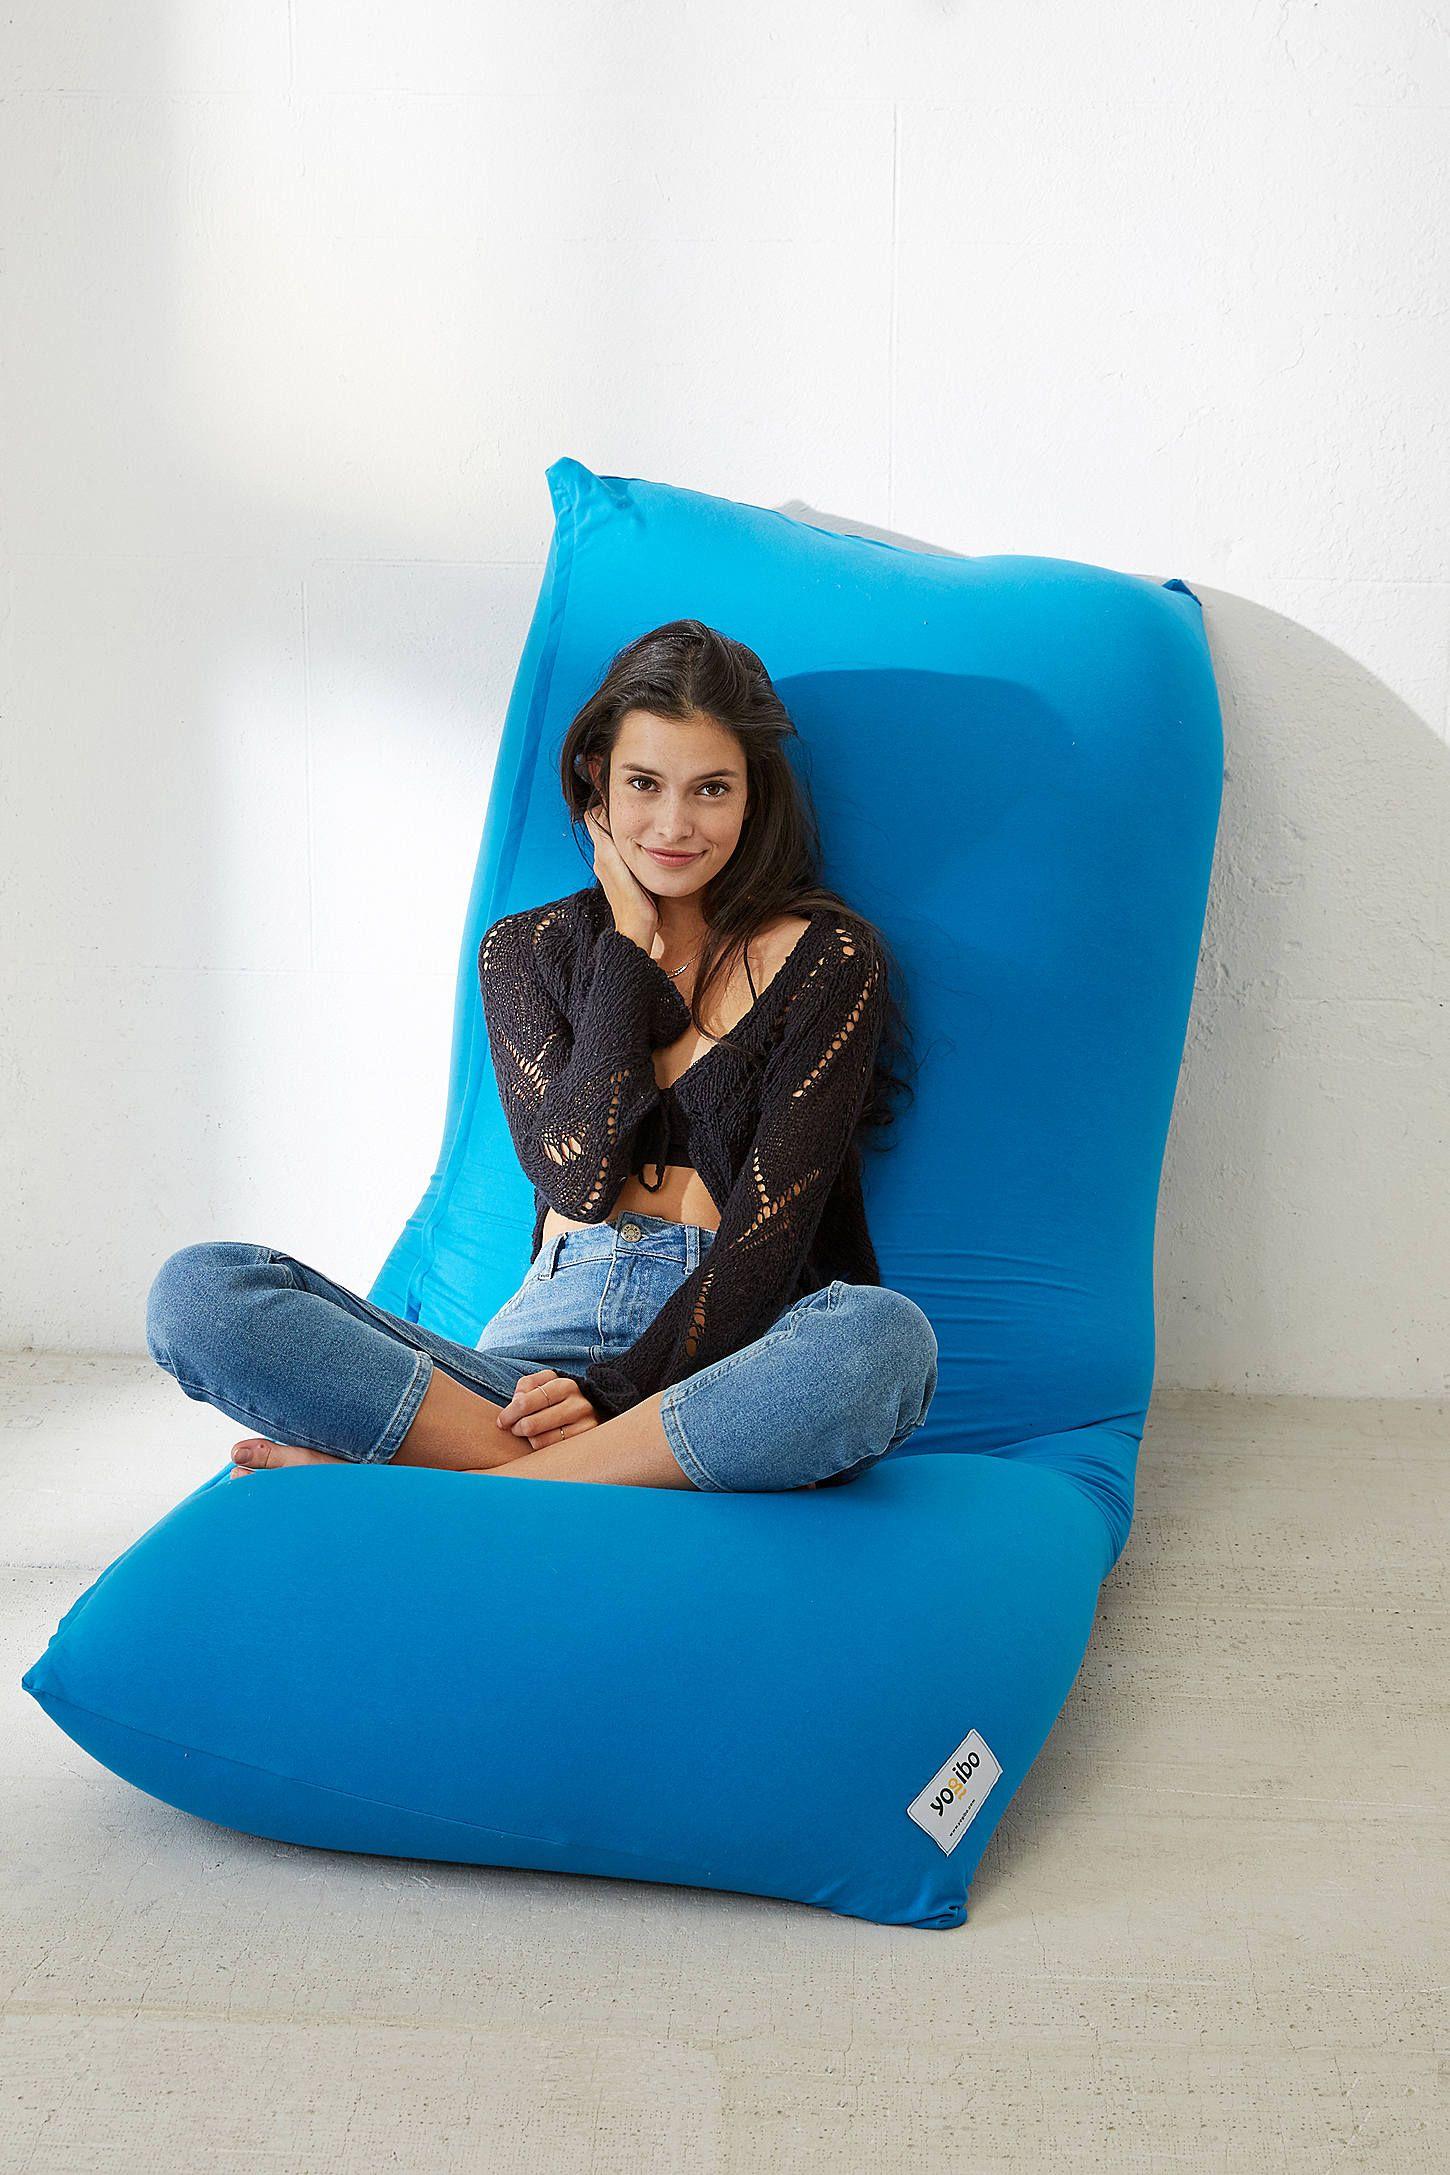 Yogibo Max Oversized Lounge Cushion